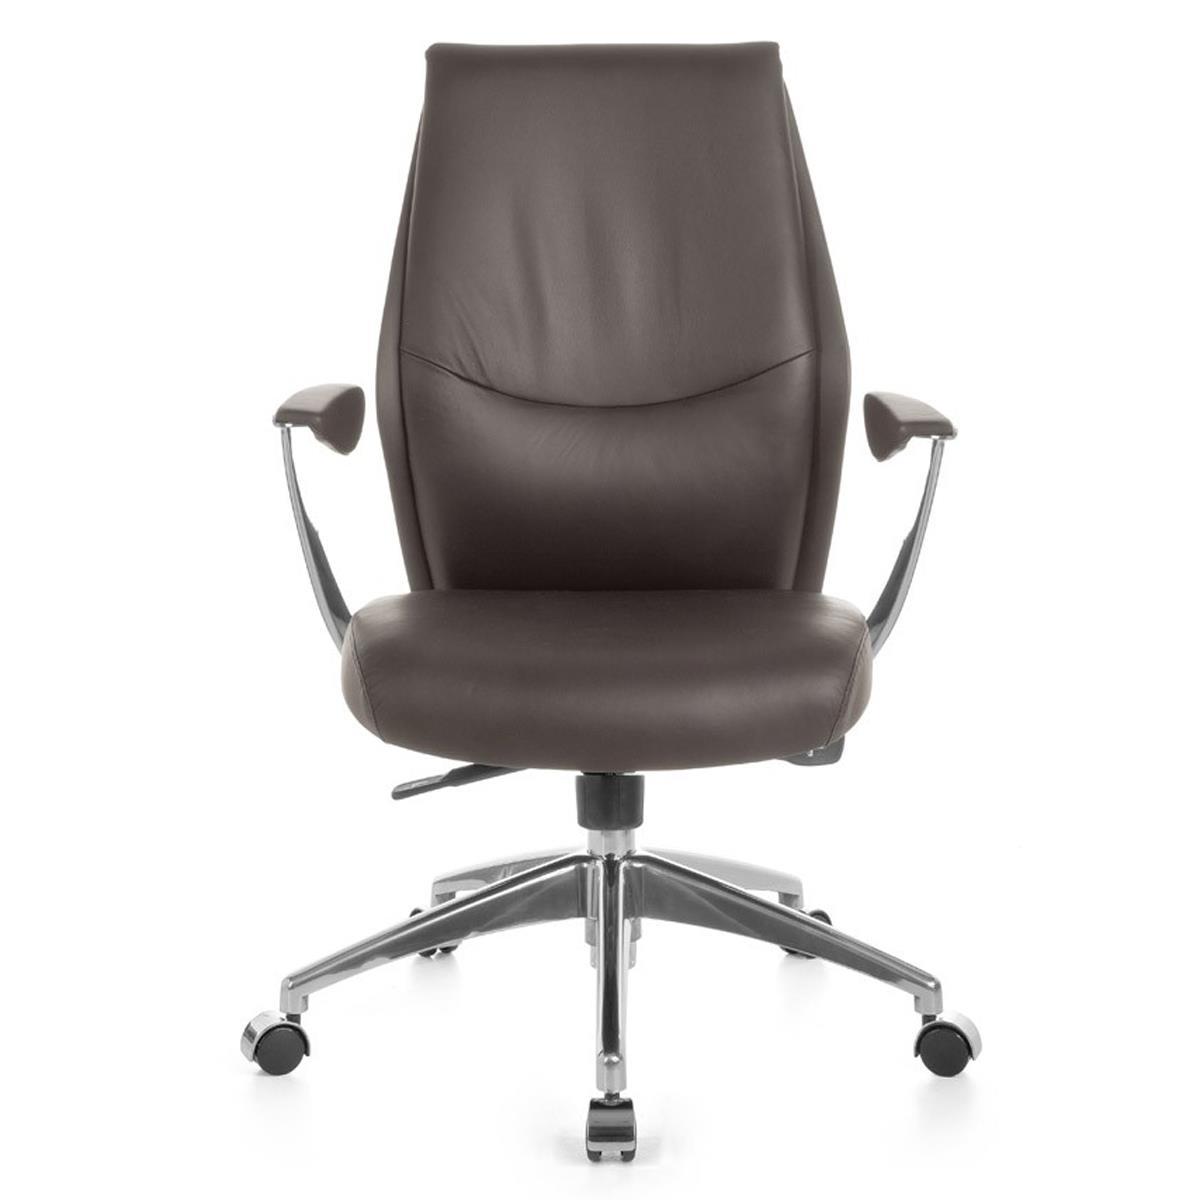 Sedia da ufficio savoia 10 design elegante comoda for Sedia design marrone